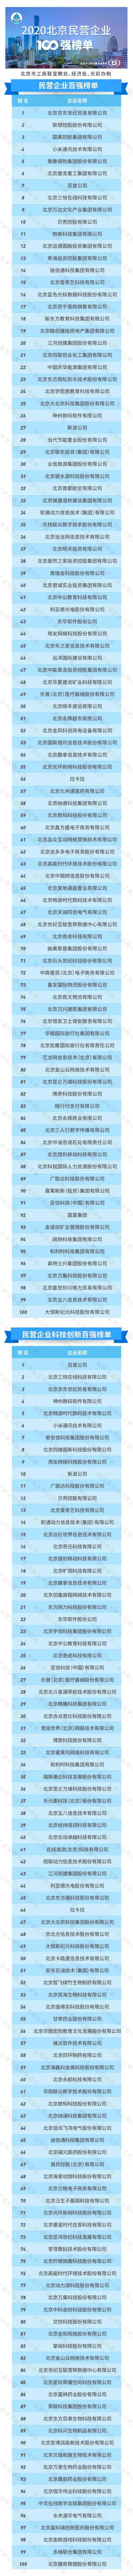 北京民华美首页营企业1+,华美首页图片